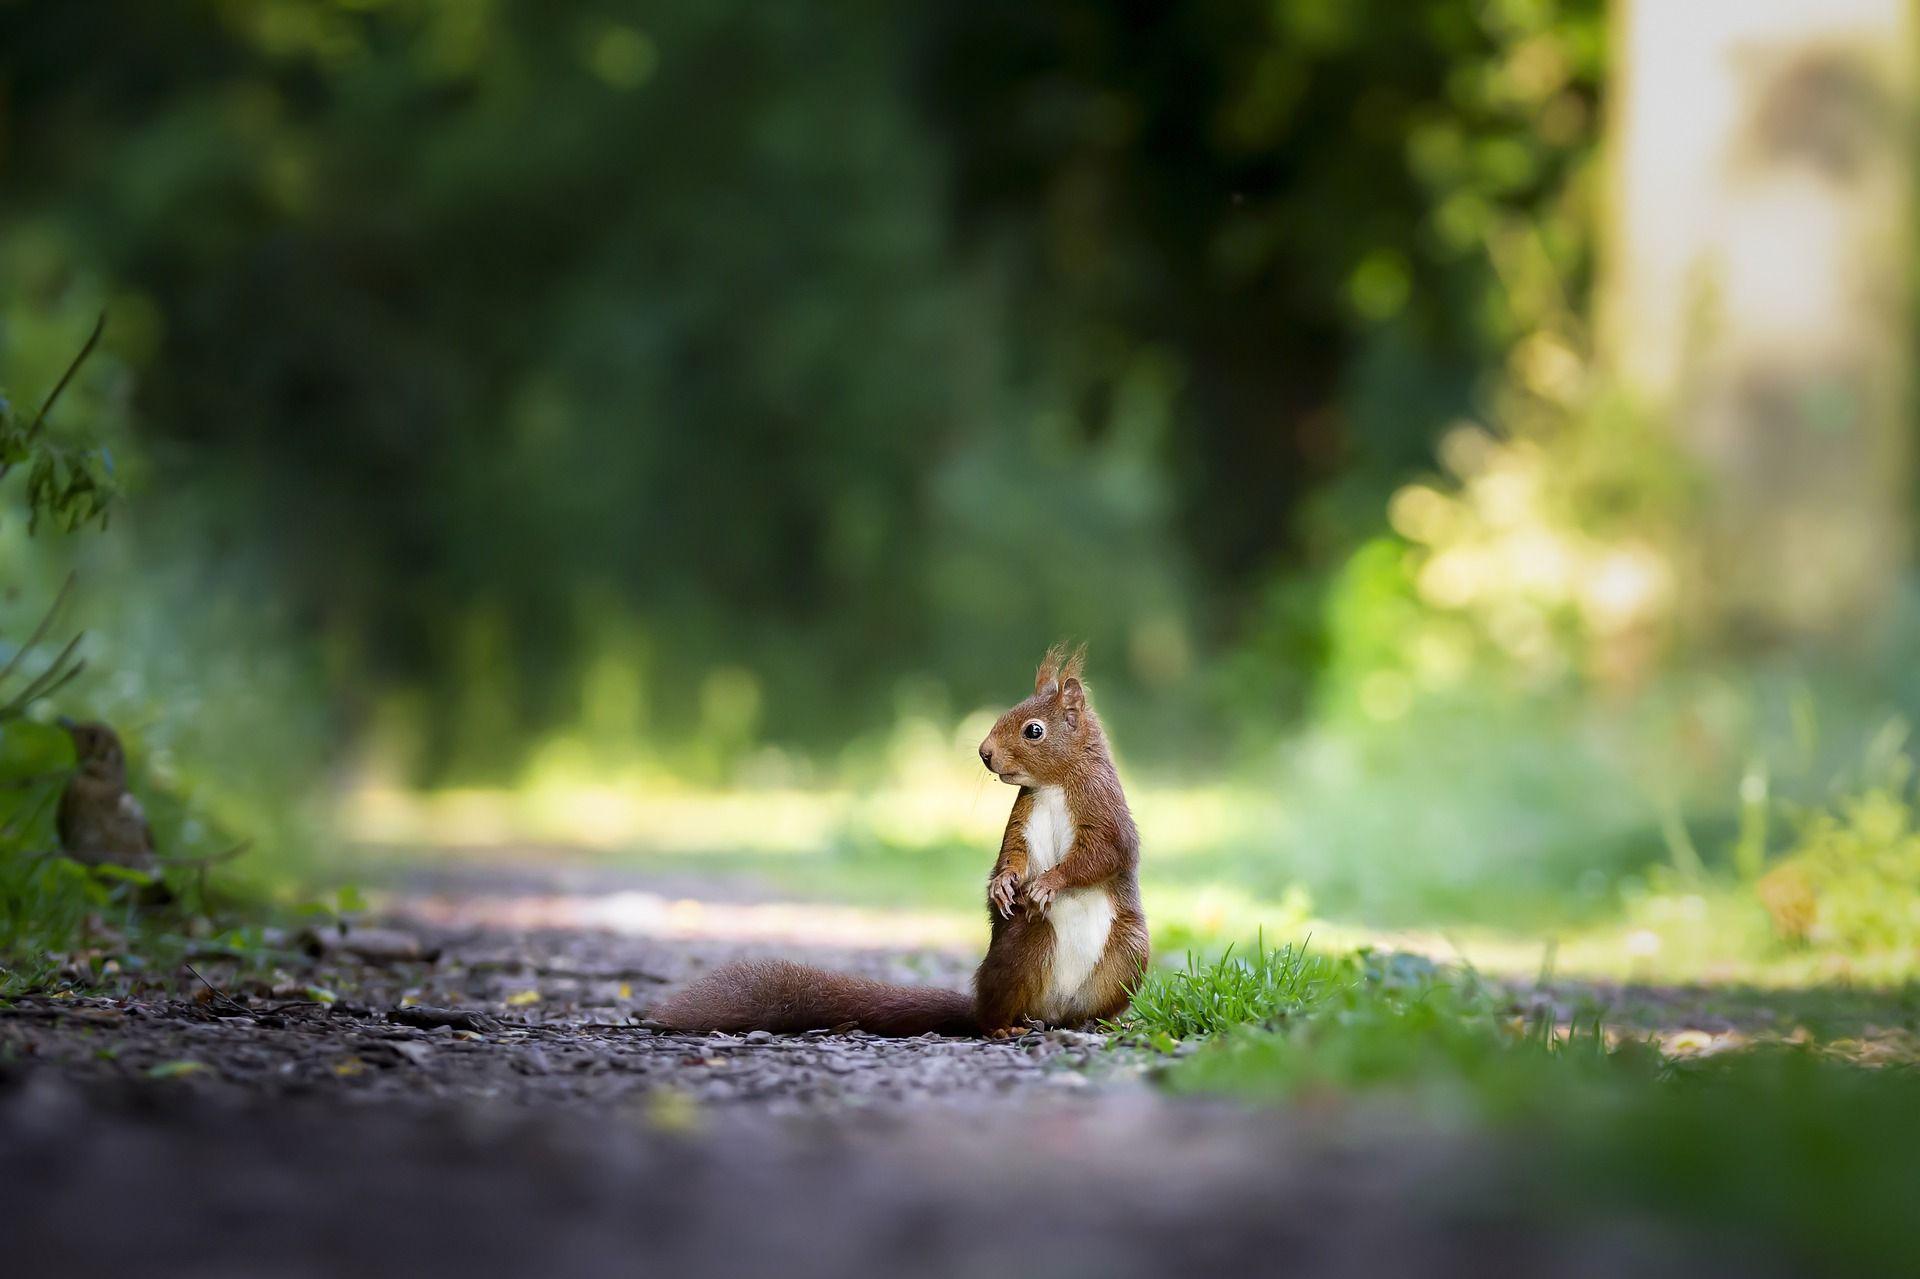 Squirrel sitting on a path